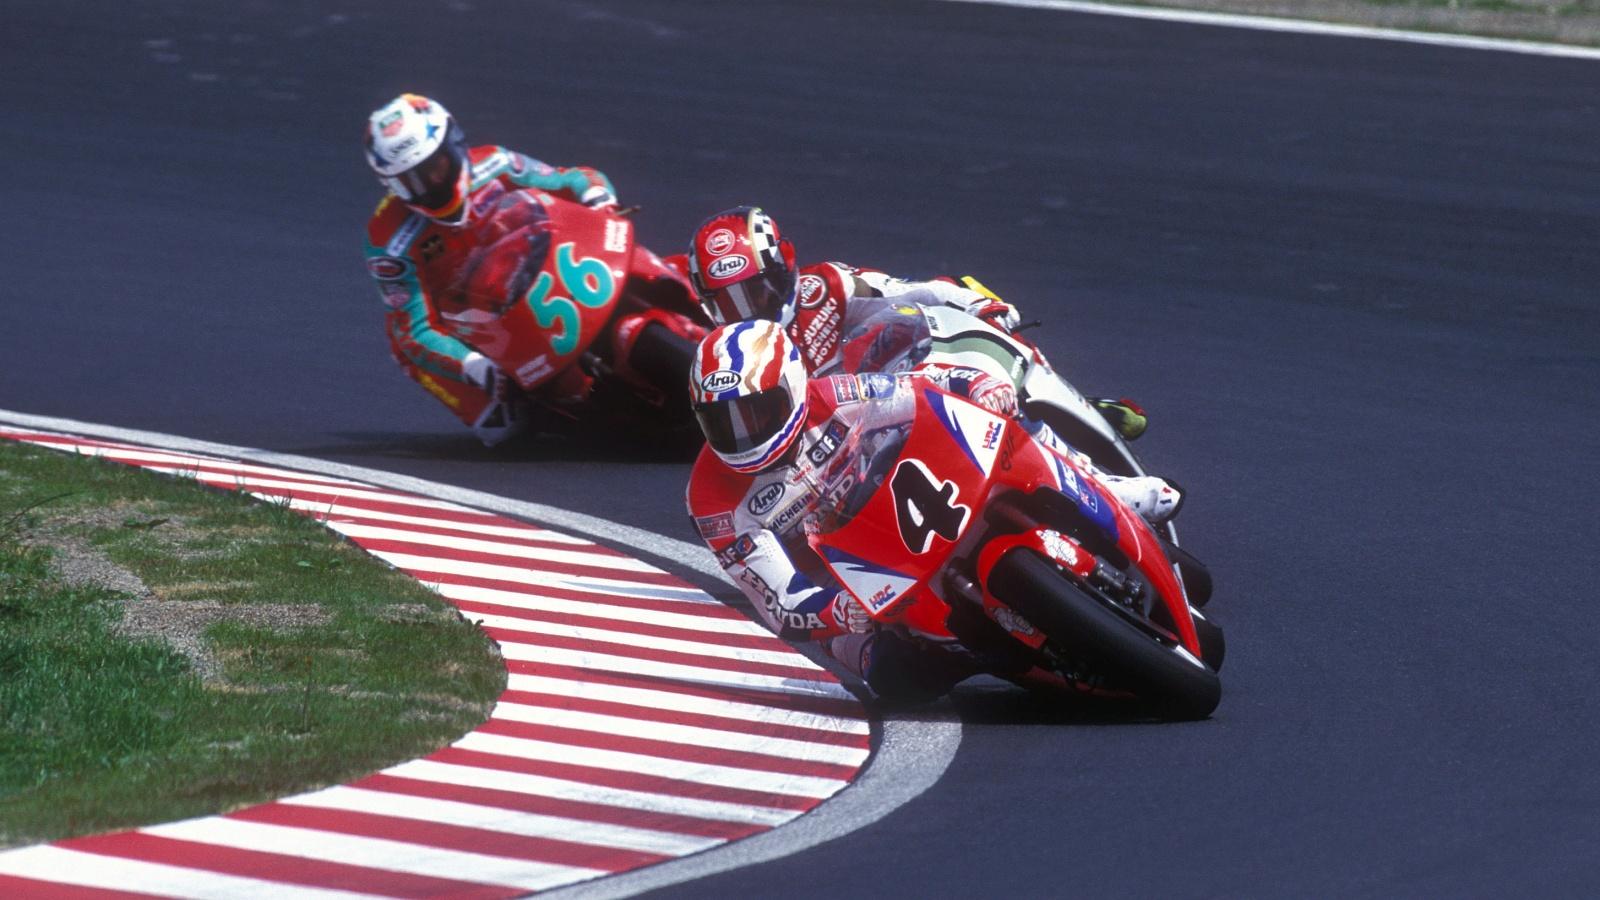 Norick Abe asombró al mundo en su debut en 500cc en Suzuka 1994 con 19 años. ¿Cómo acabó?